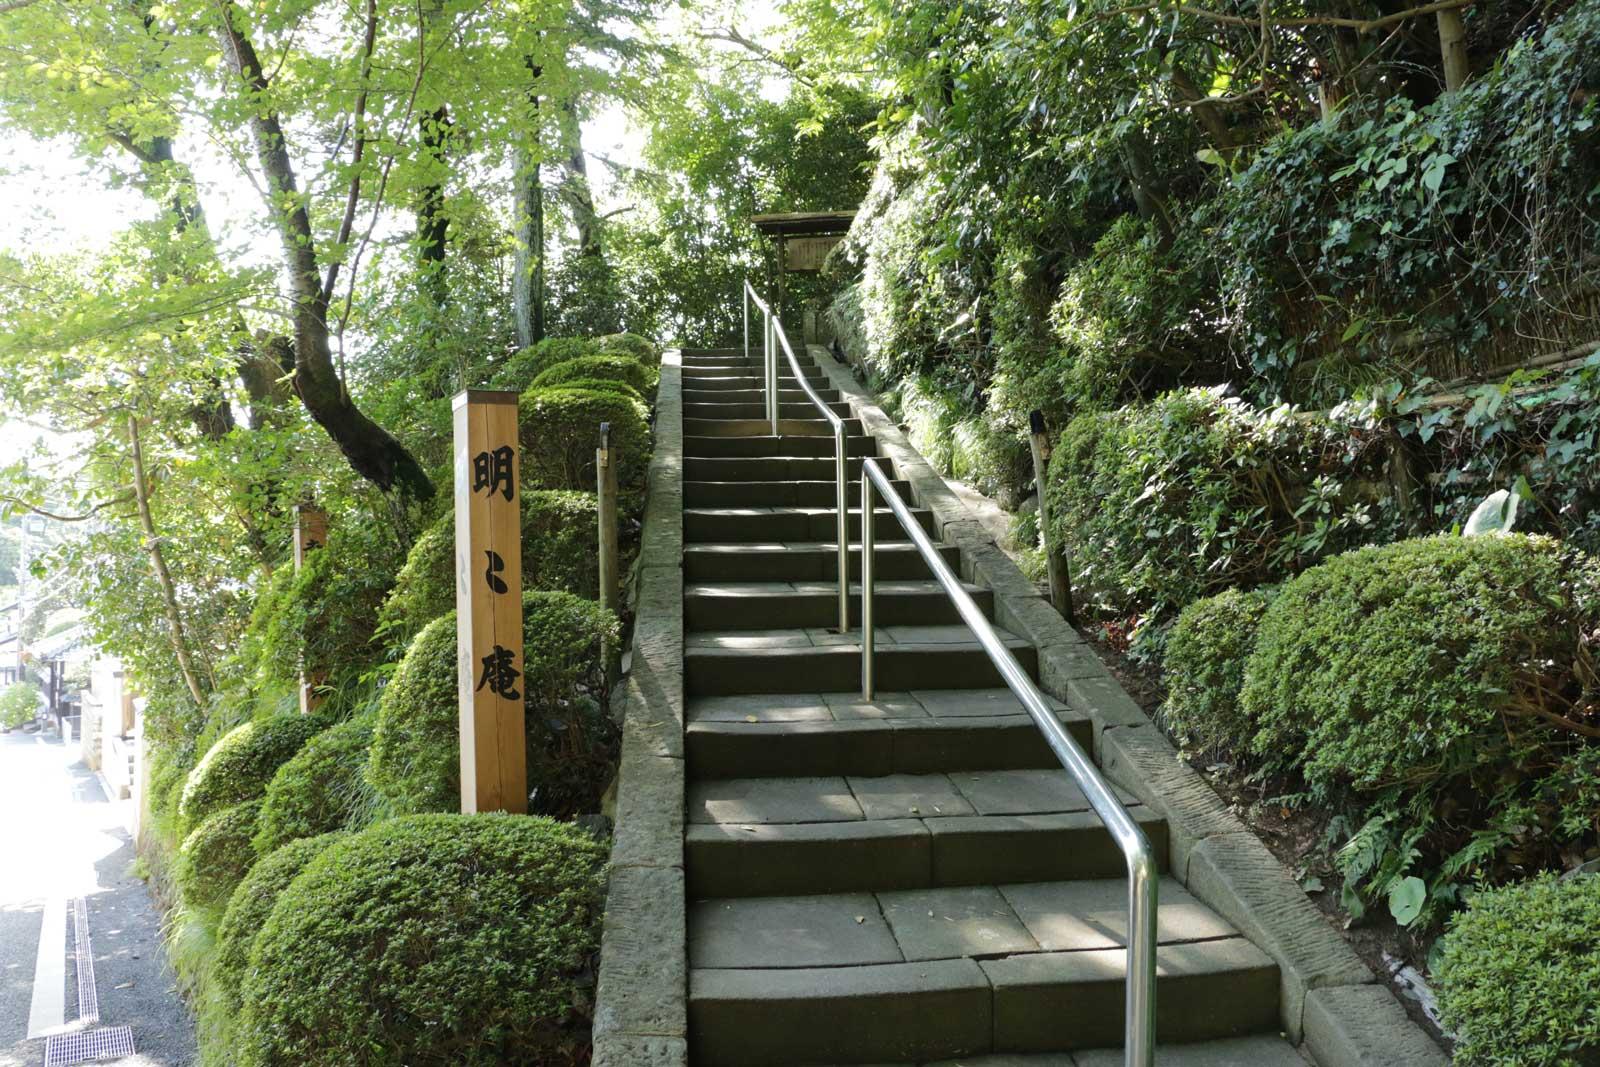 明々庵のある高台に向かう階段。着物や袴で上がりやすいよう工夫されている